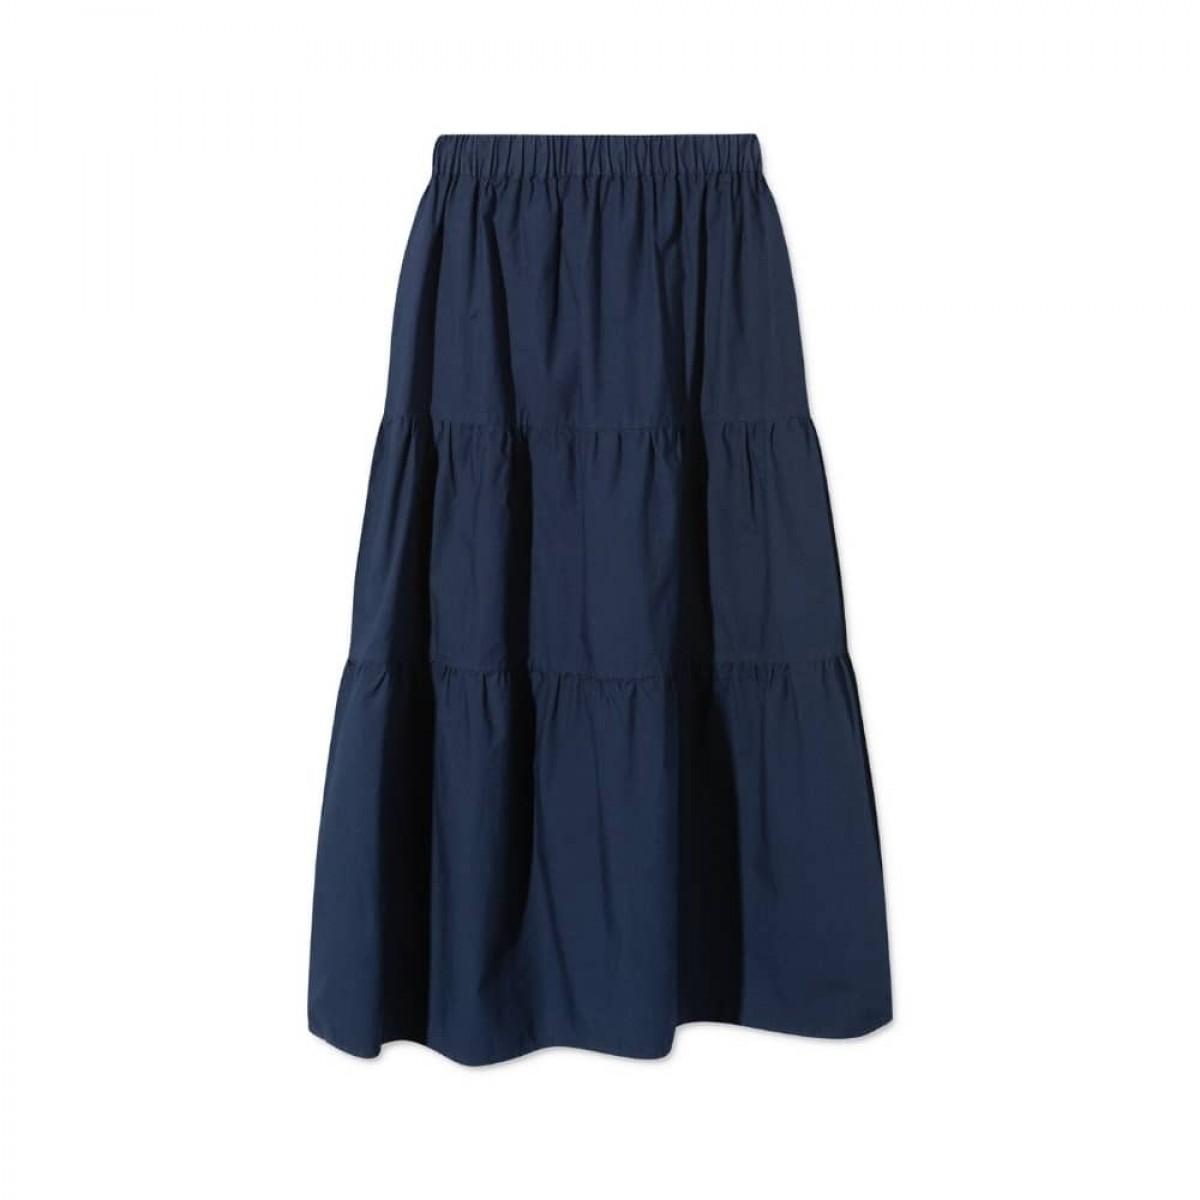 paprika nederdel - dark navy - bag